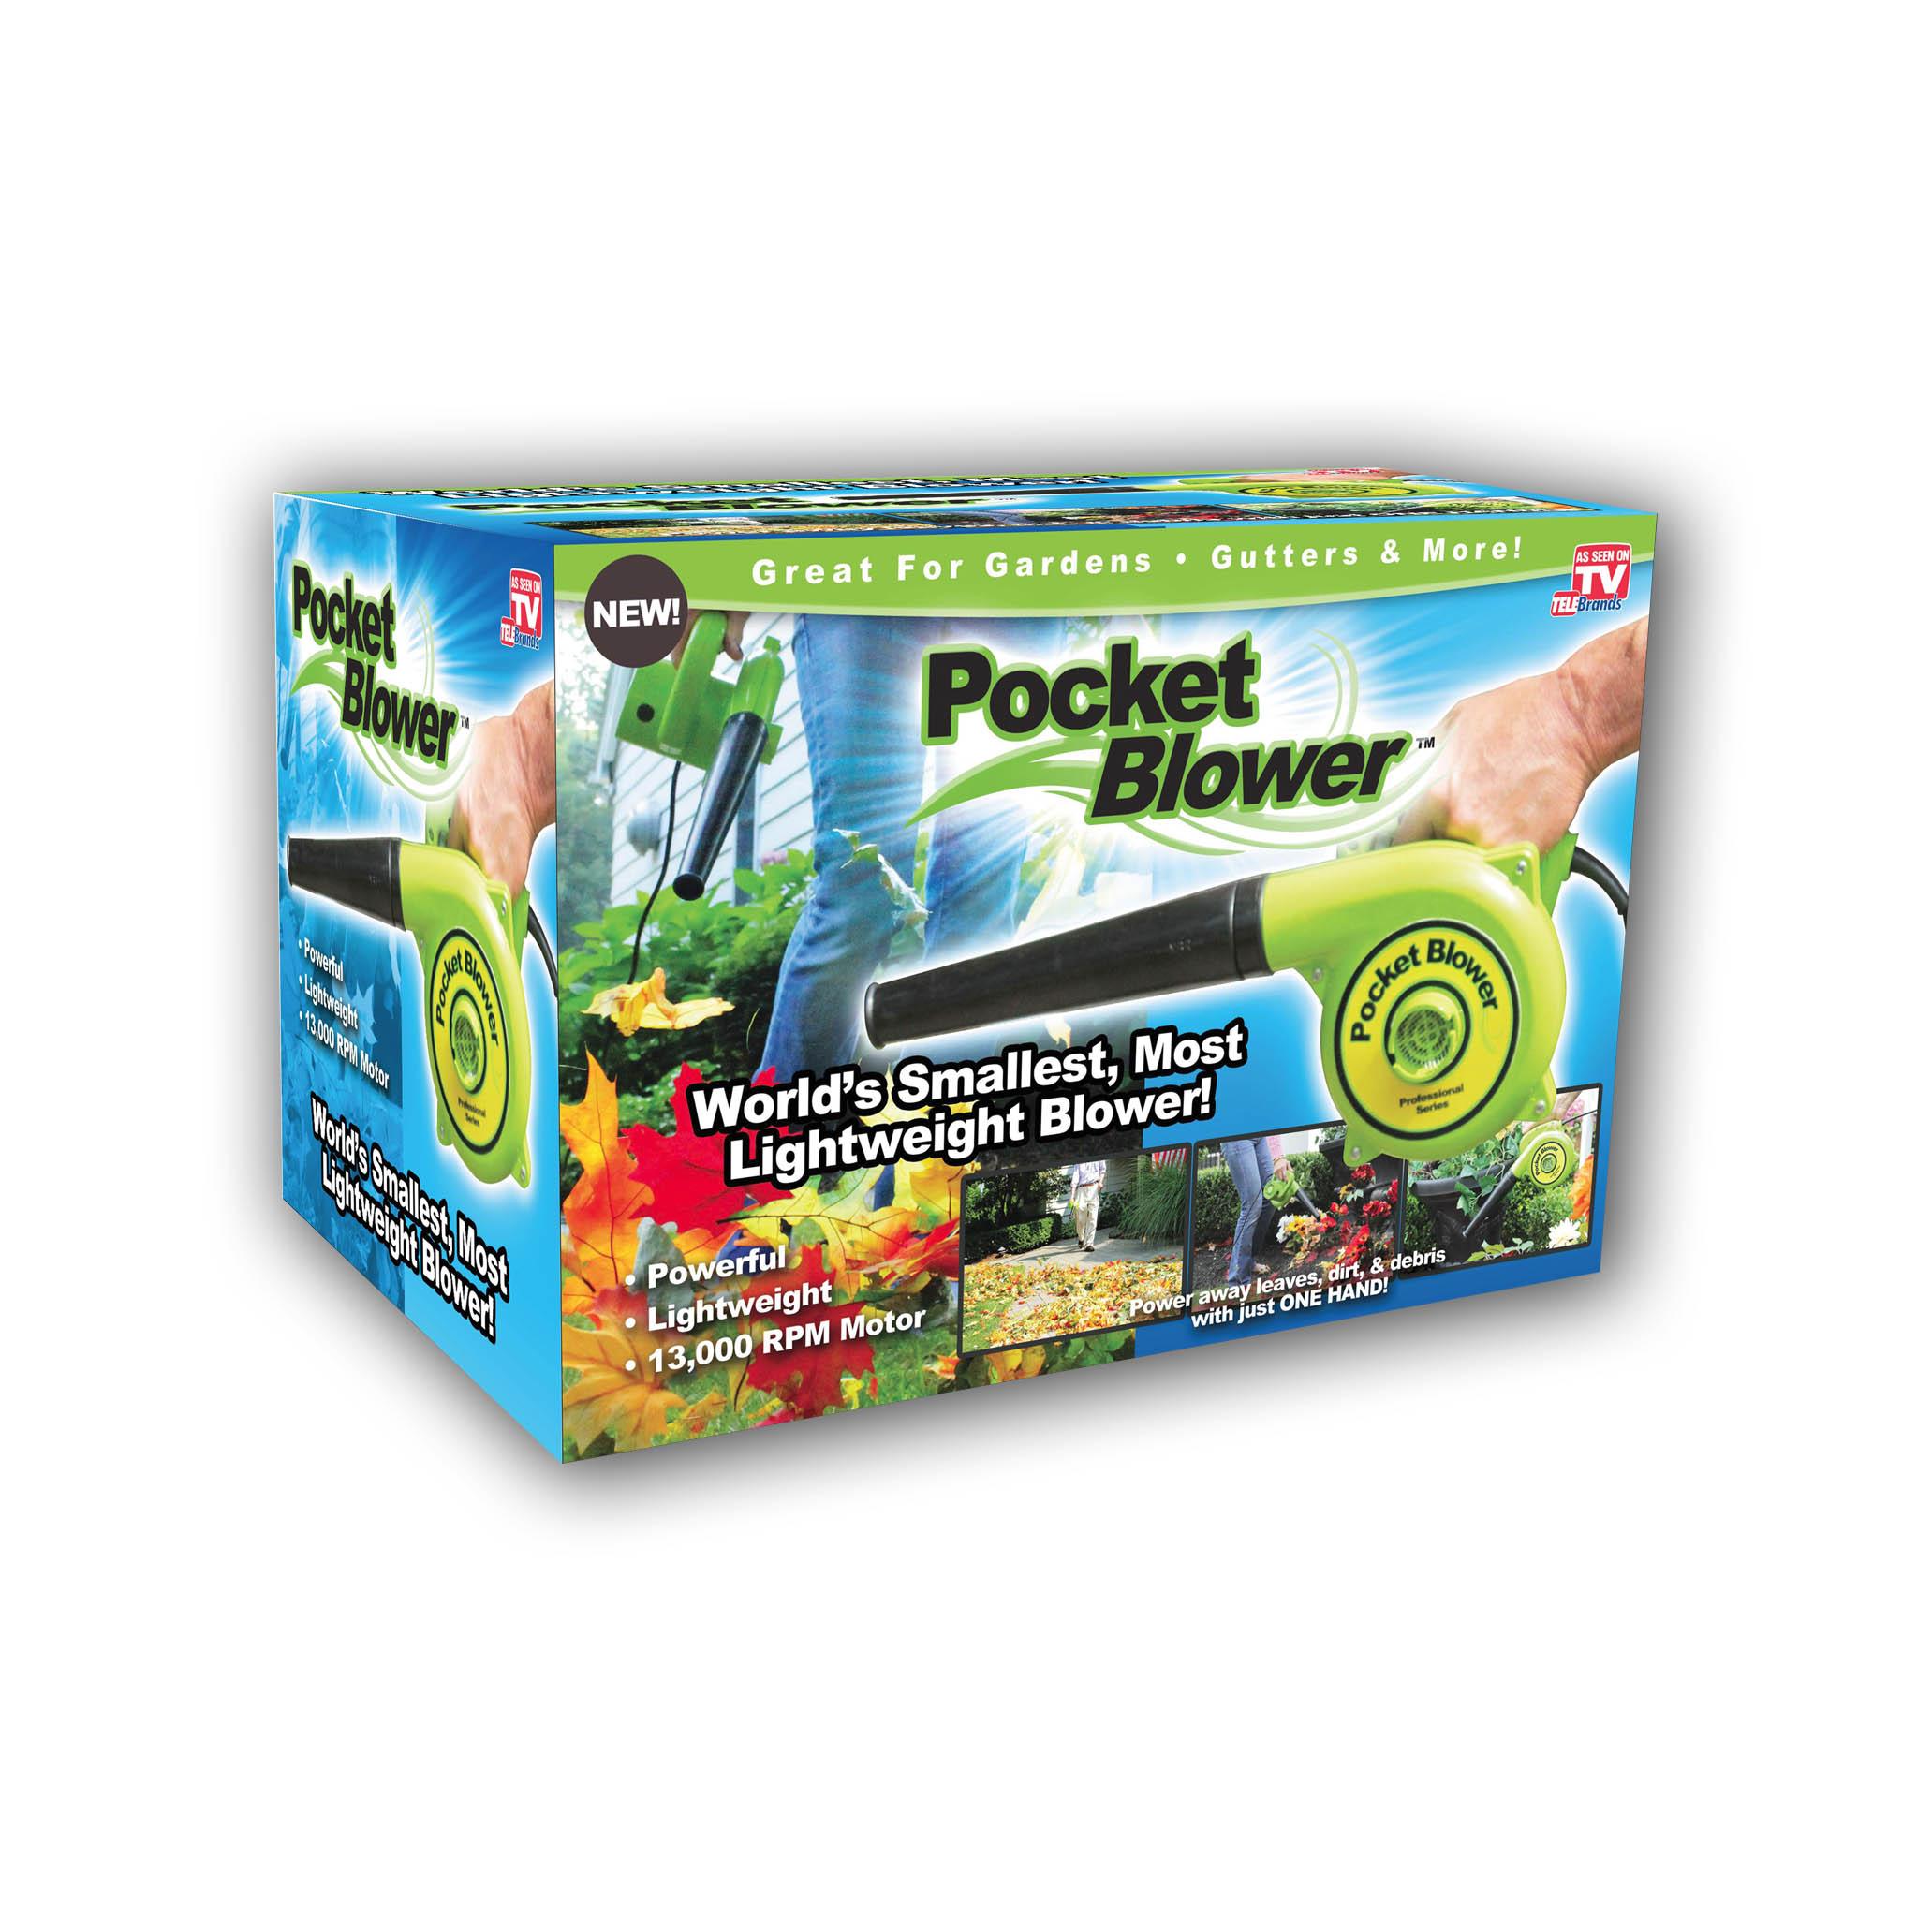 Pocket Blower WSjpg